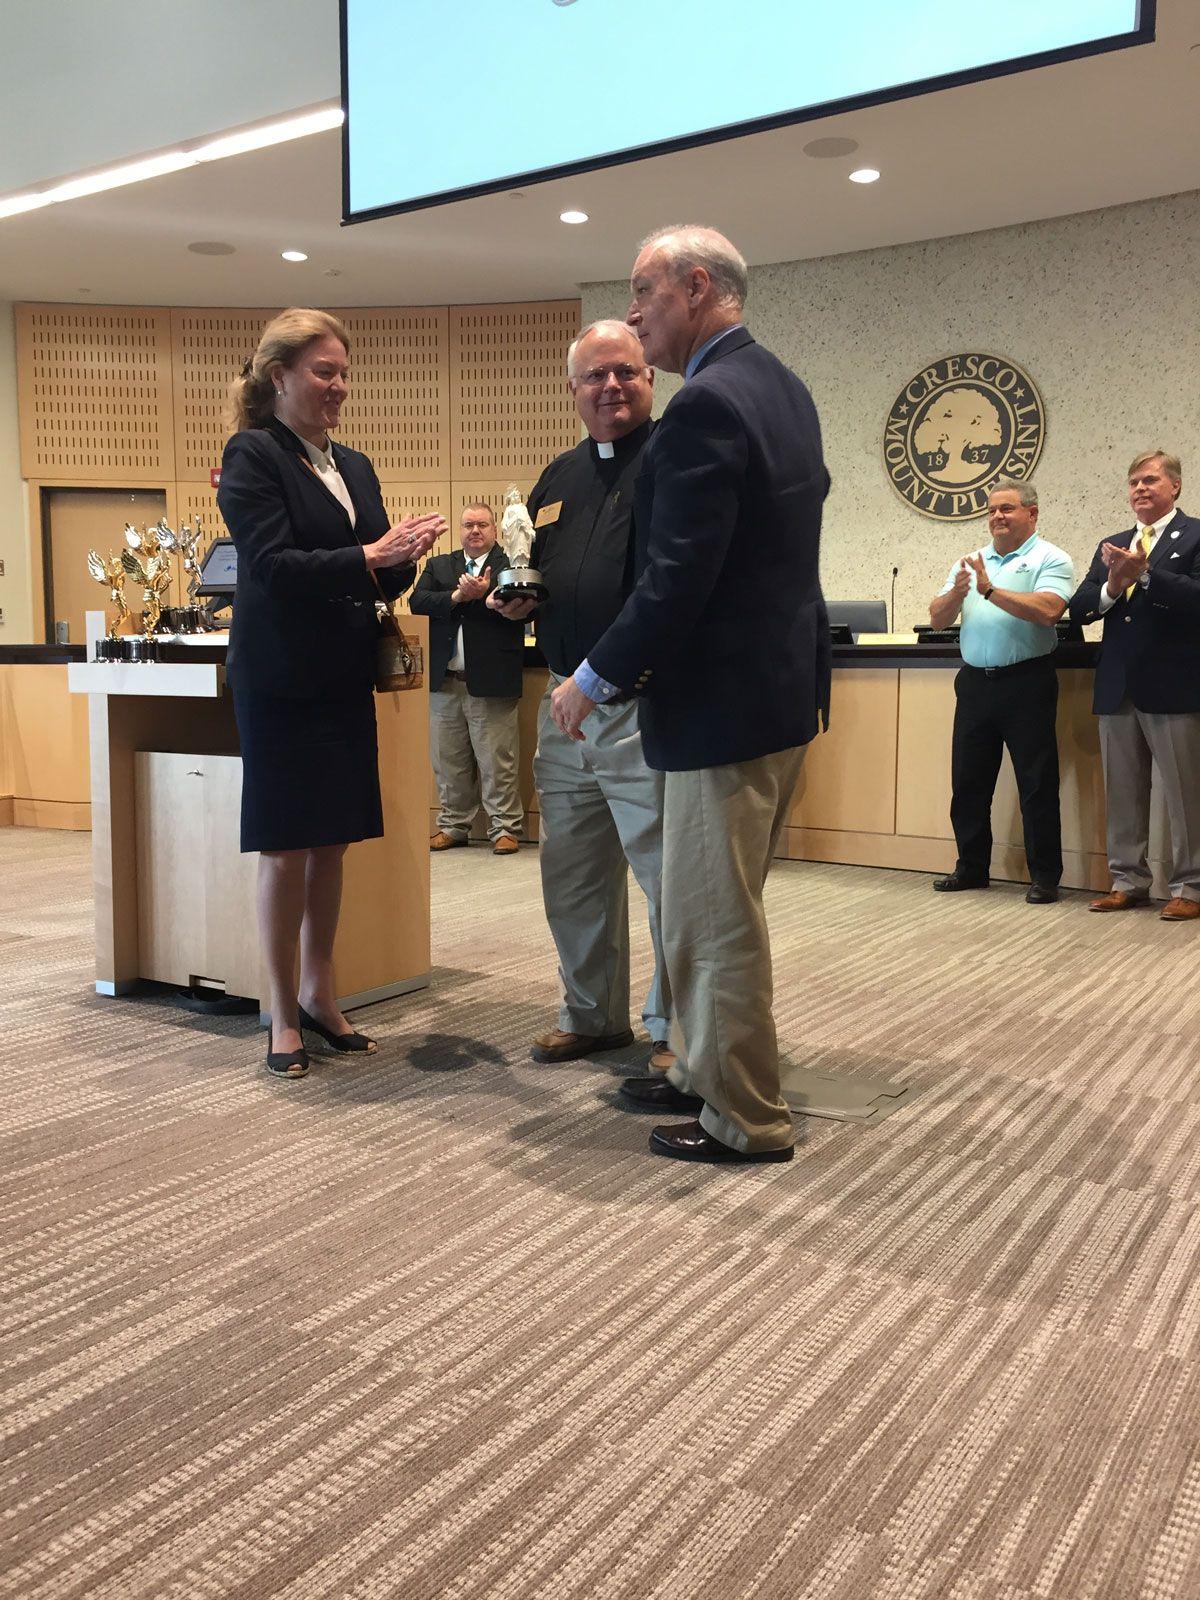 Dr. Wyatt presents award to Rev. Dewey, Mt. Pleasant Mayor W. Haynie presiding